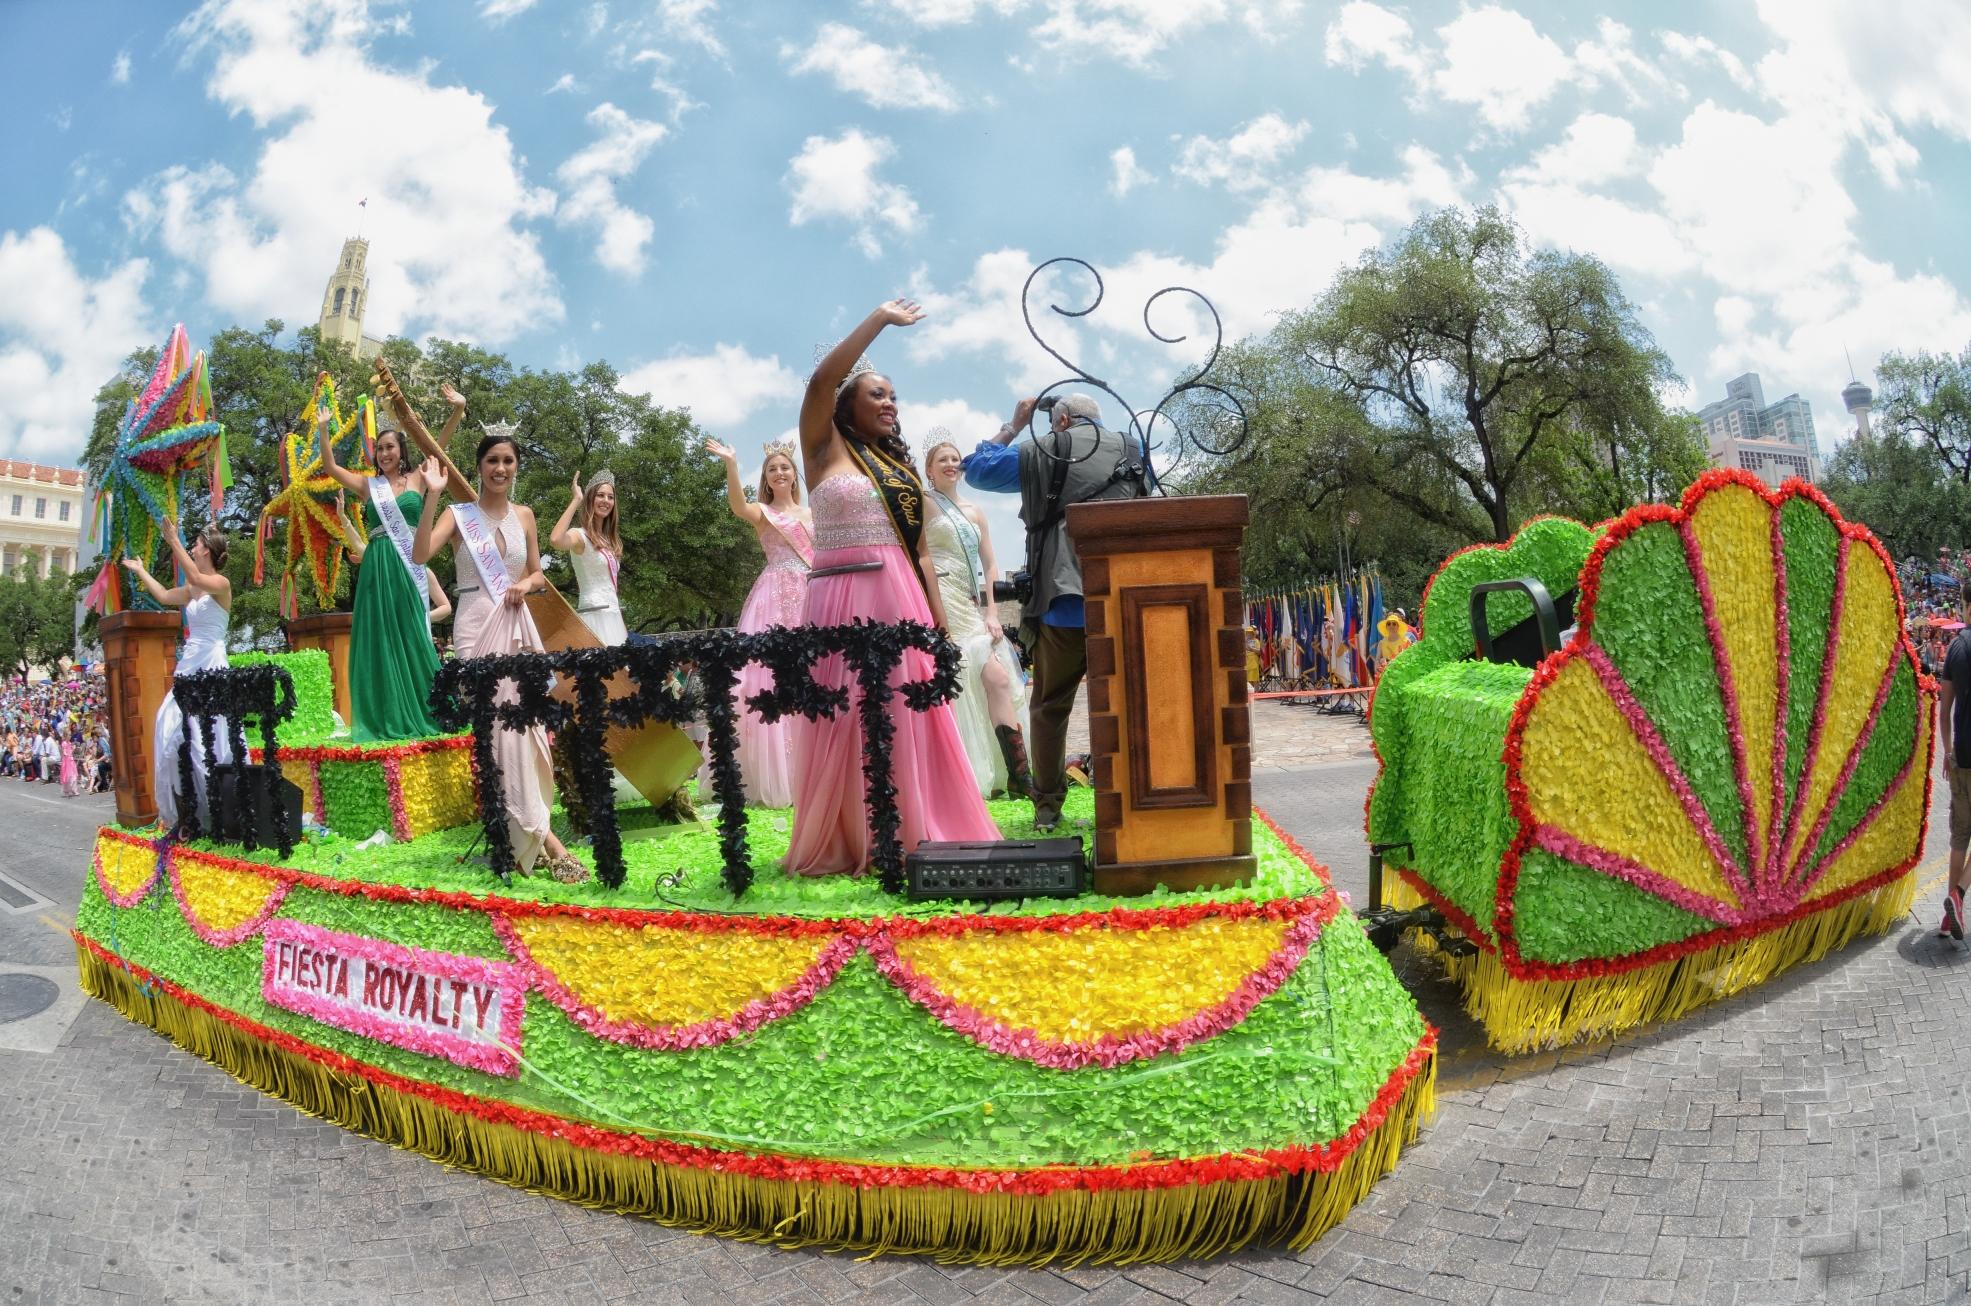 Fiesta Royalty Float Is Missing San Antonio Express News